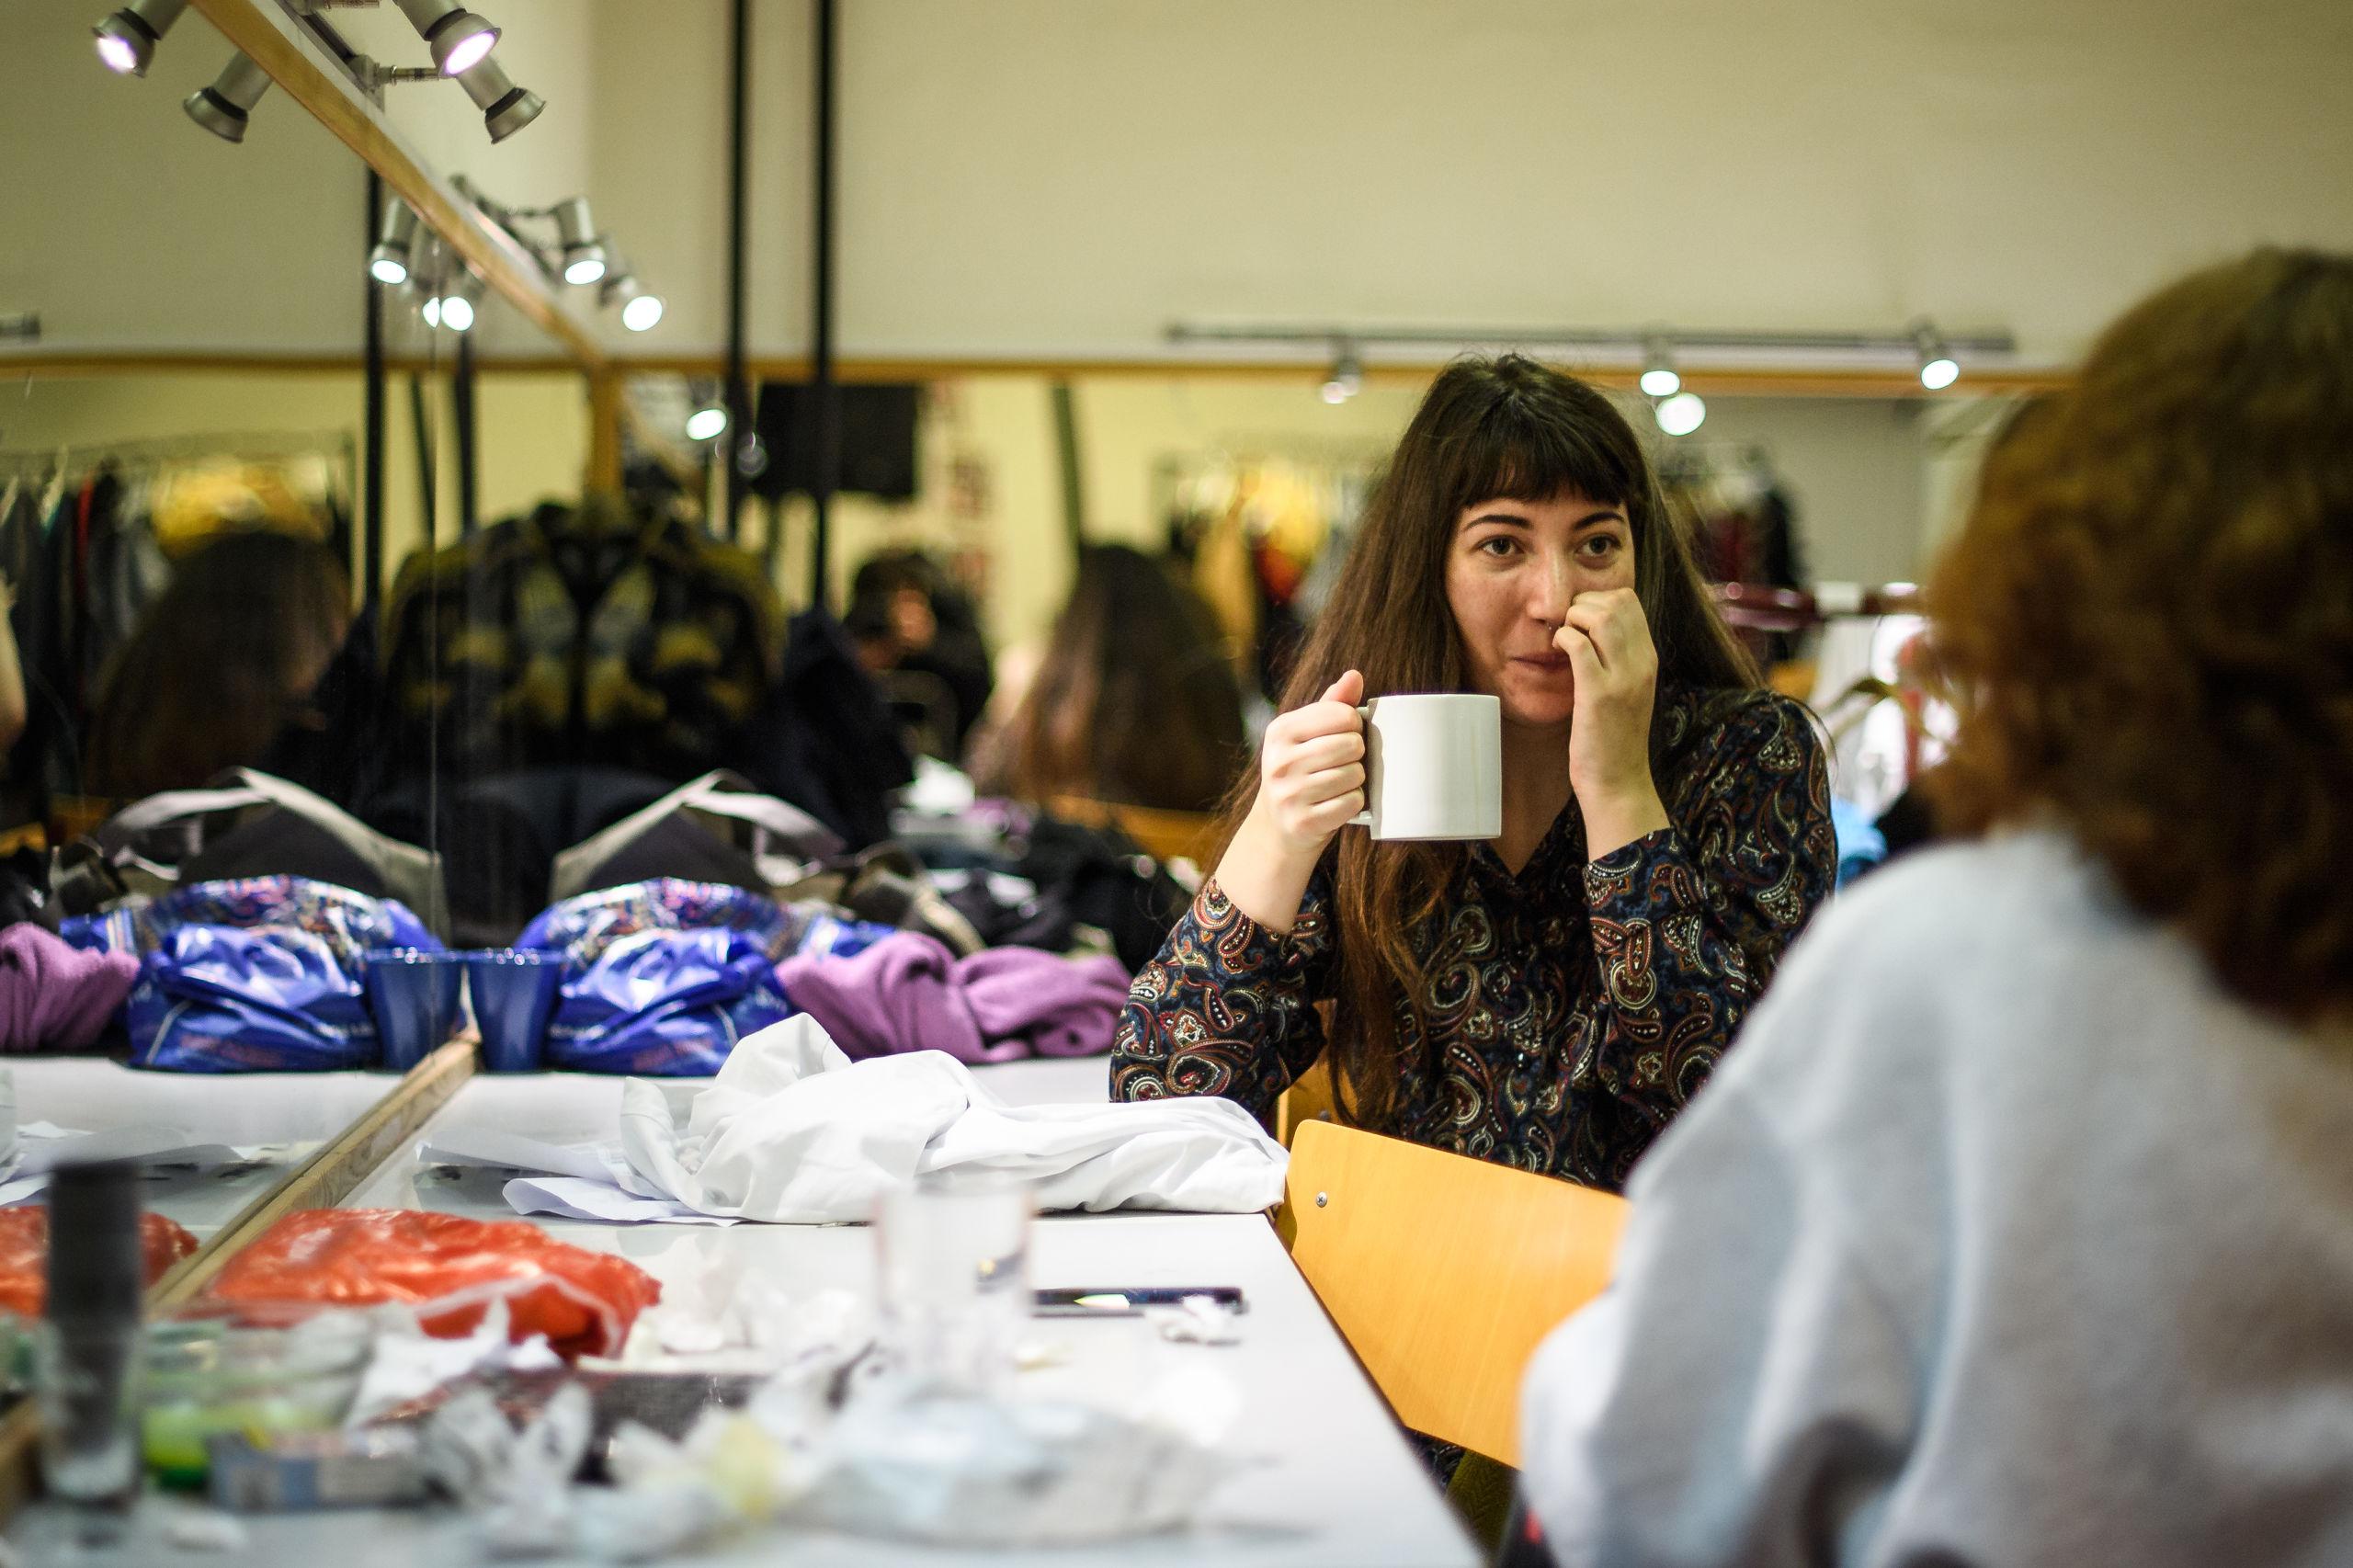 Der bliver lige tid til en kop kaffe, inden der skal knokles i øvesalen igen. Foto: Nicolas Cho Meier